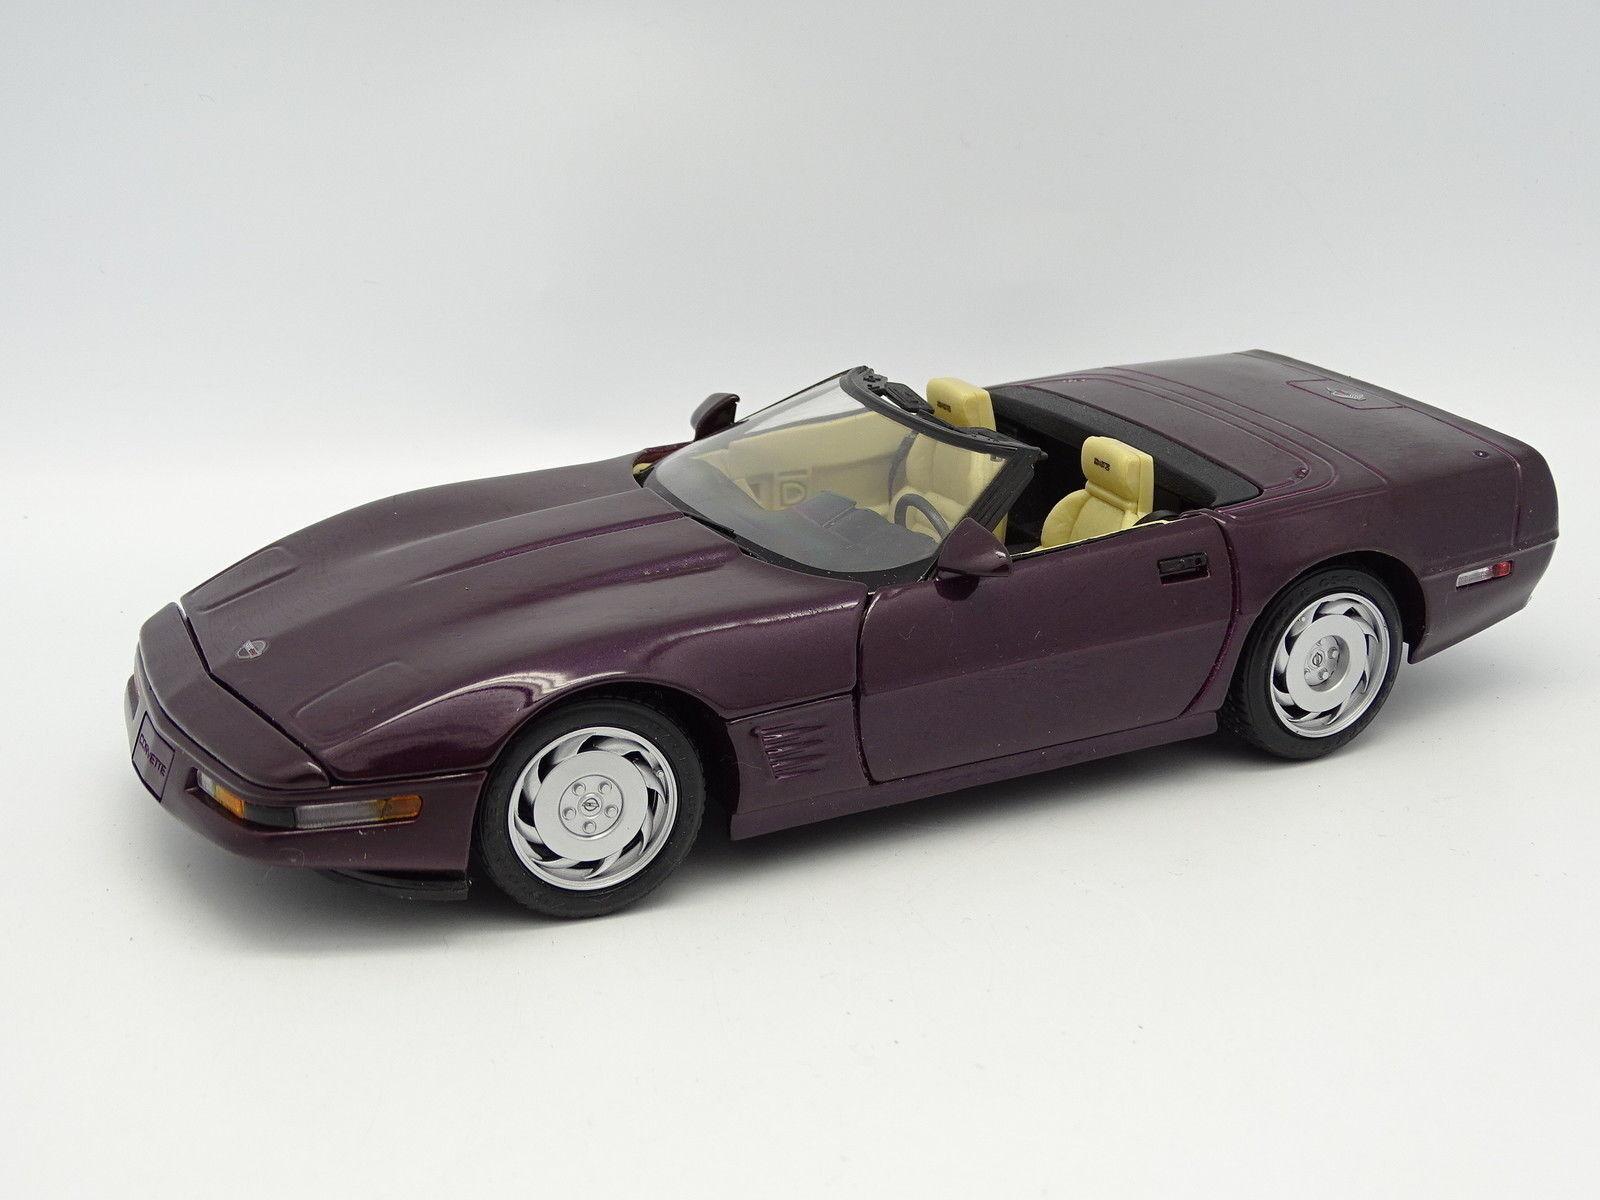 Maisto SB 1 18 - Chevrolet Corvette Cabrio purple